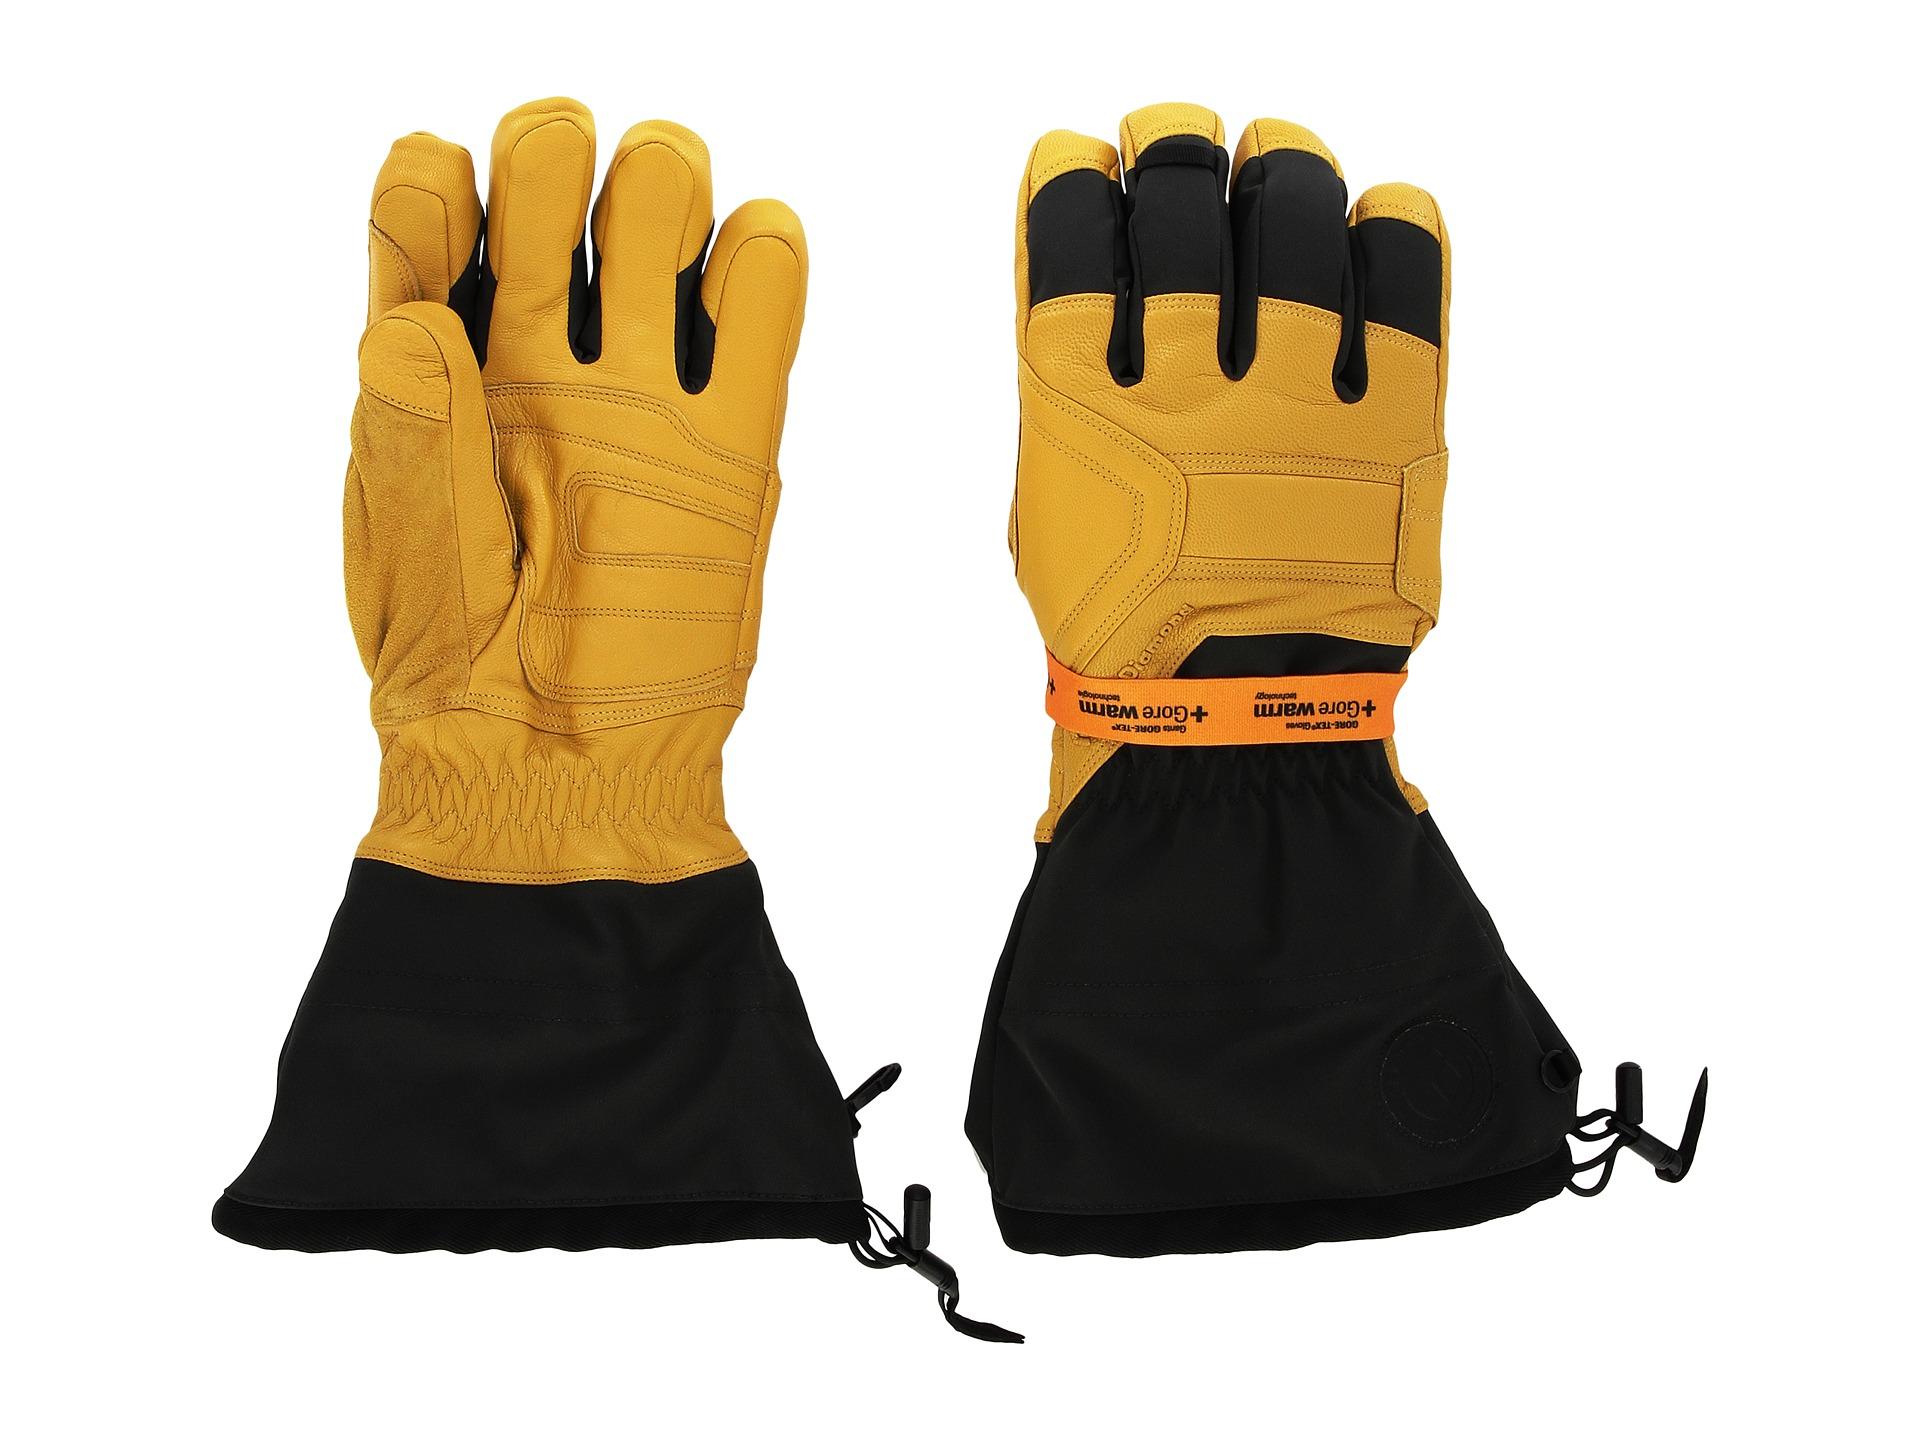 Black diamond gloves guide - Black Diamond Gloves Guide 3